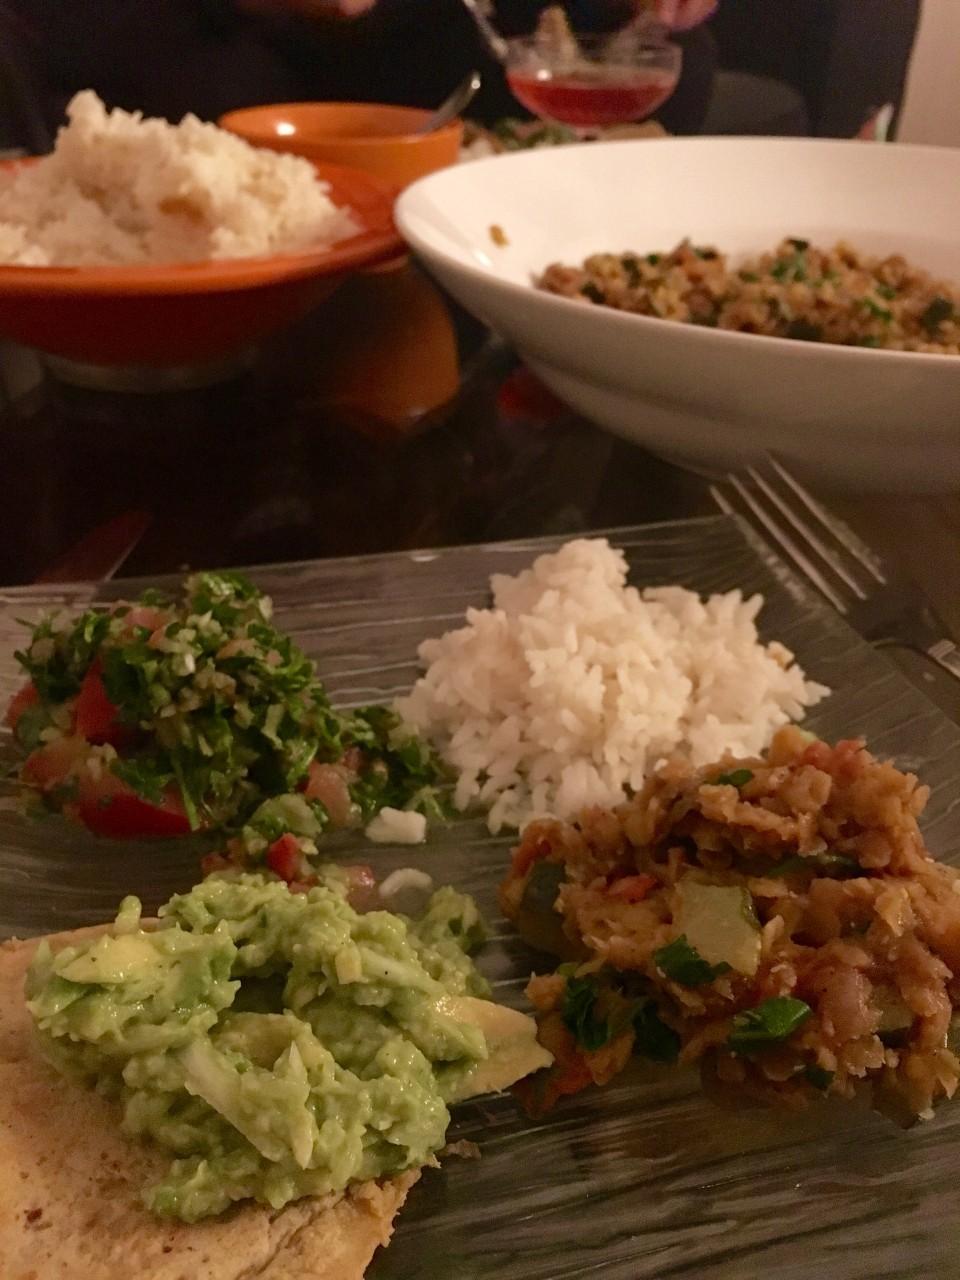 panier des brunettes - dahl cuisine indienne